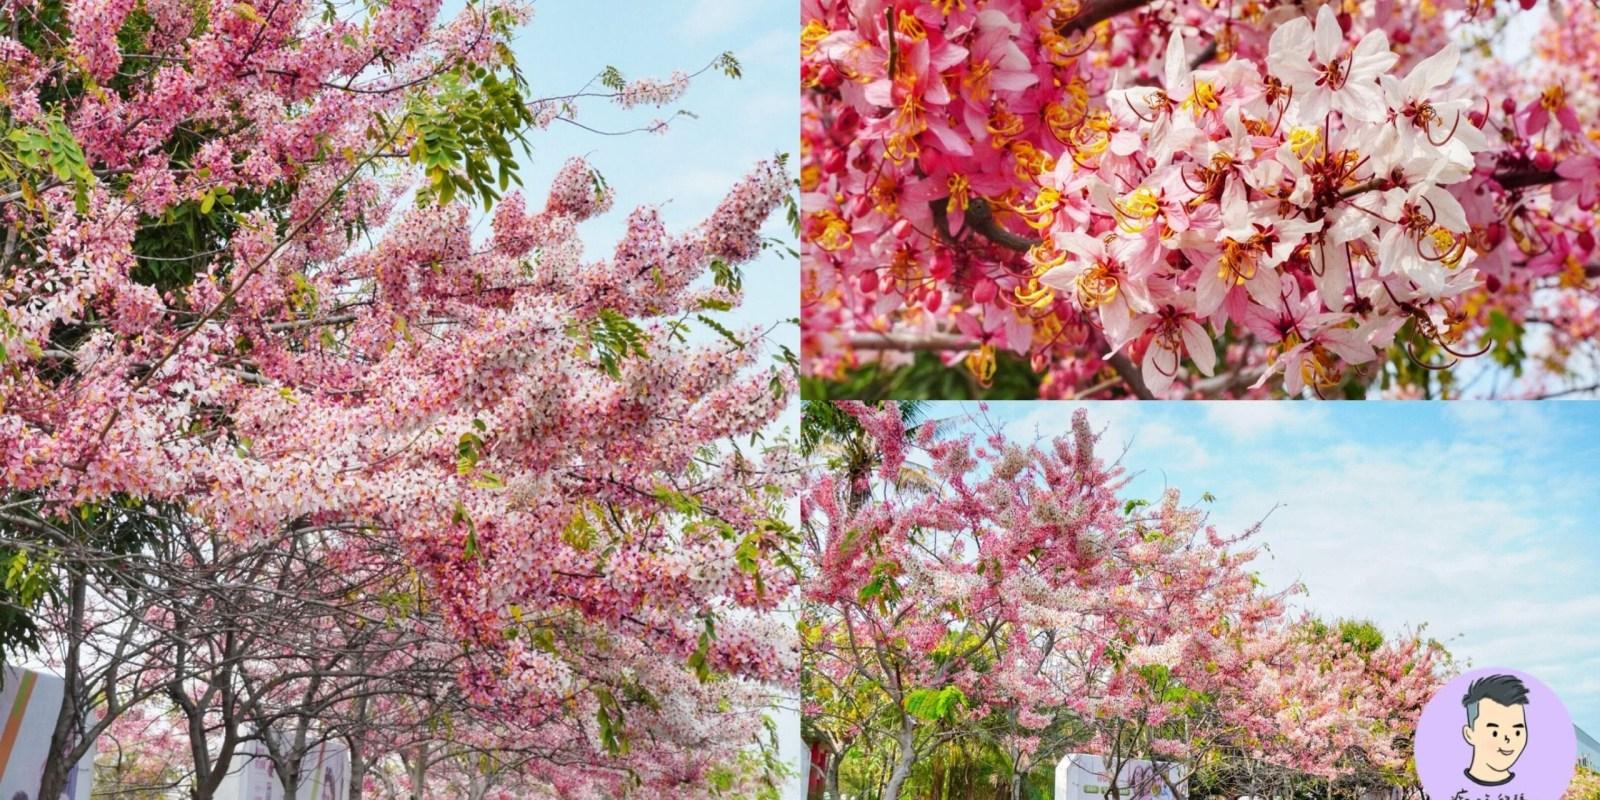 【台南賞花】不用出國看櫻花!台南也有超美「新市花旗木」整排浪漫粉白色步道 最近剛綻放~~連假賞花好去處